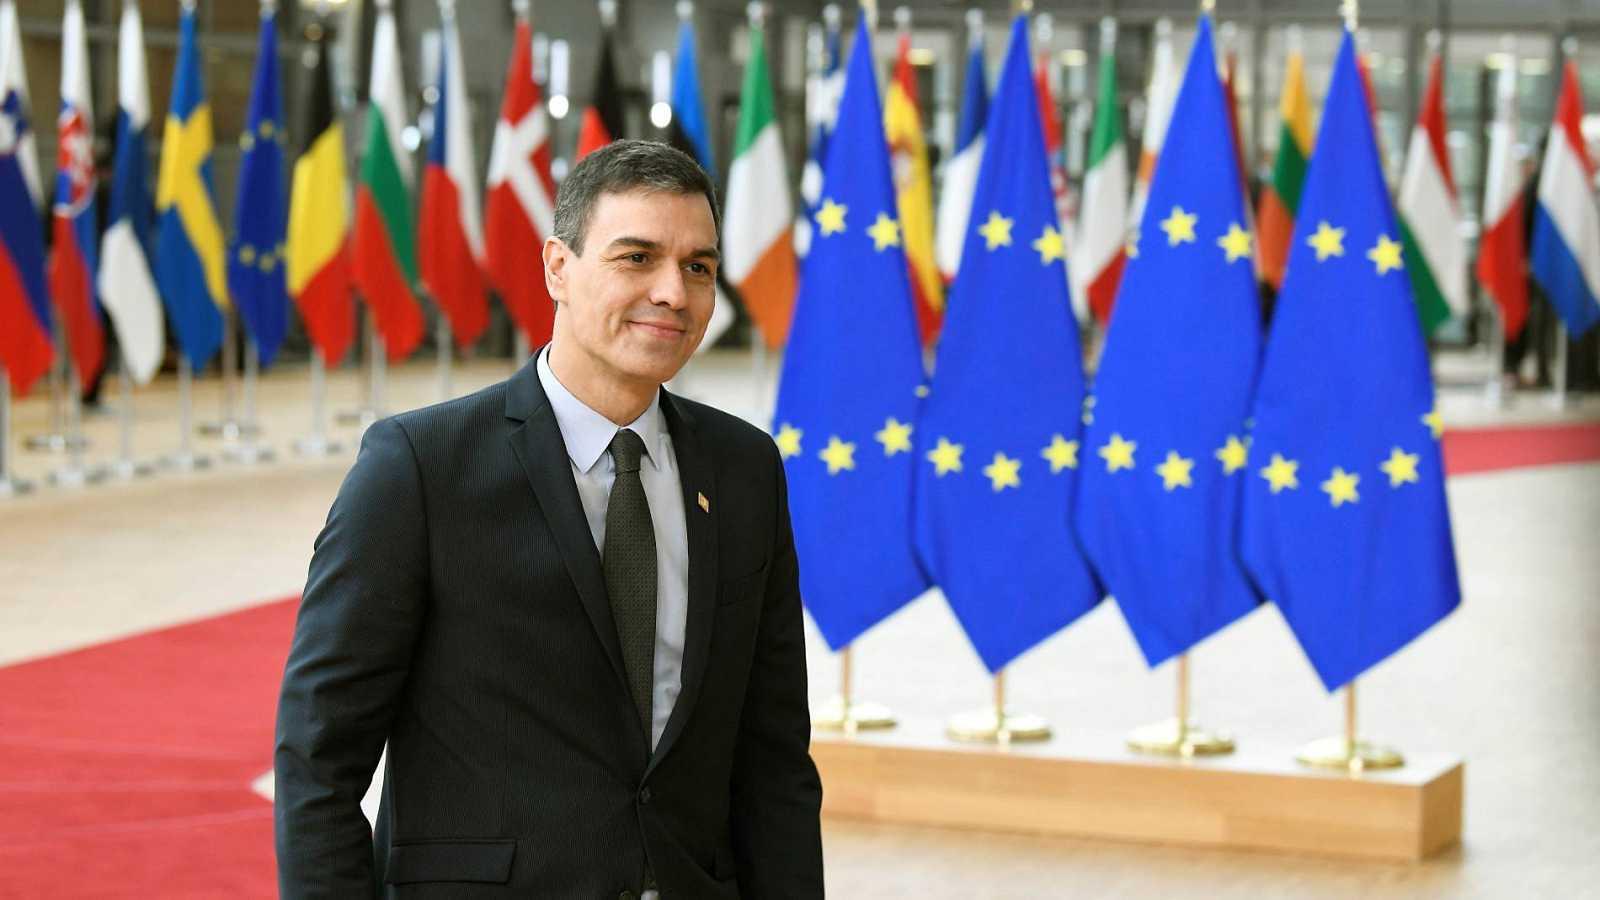 El presidente del Gobierno, Pedro Sánchez, durante un encuentro en Bruselas con los líderes europeos el pasado mes de febrero